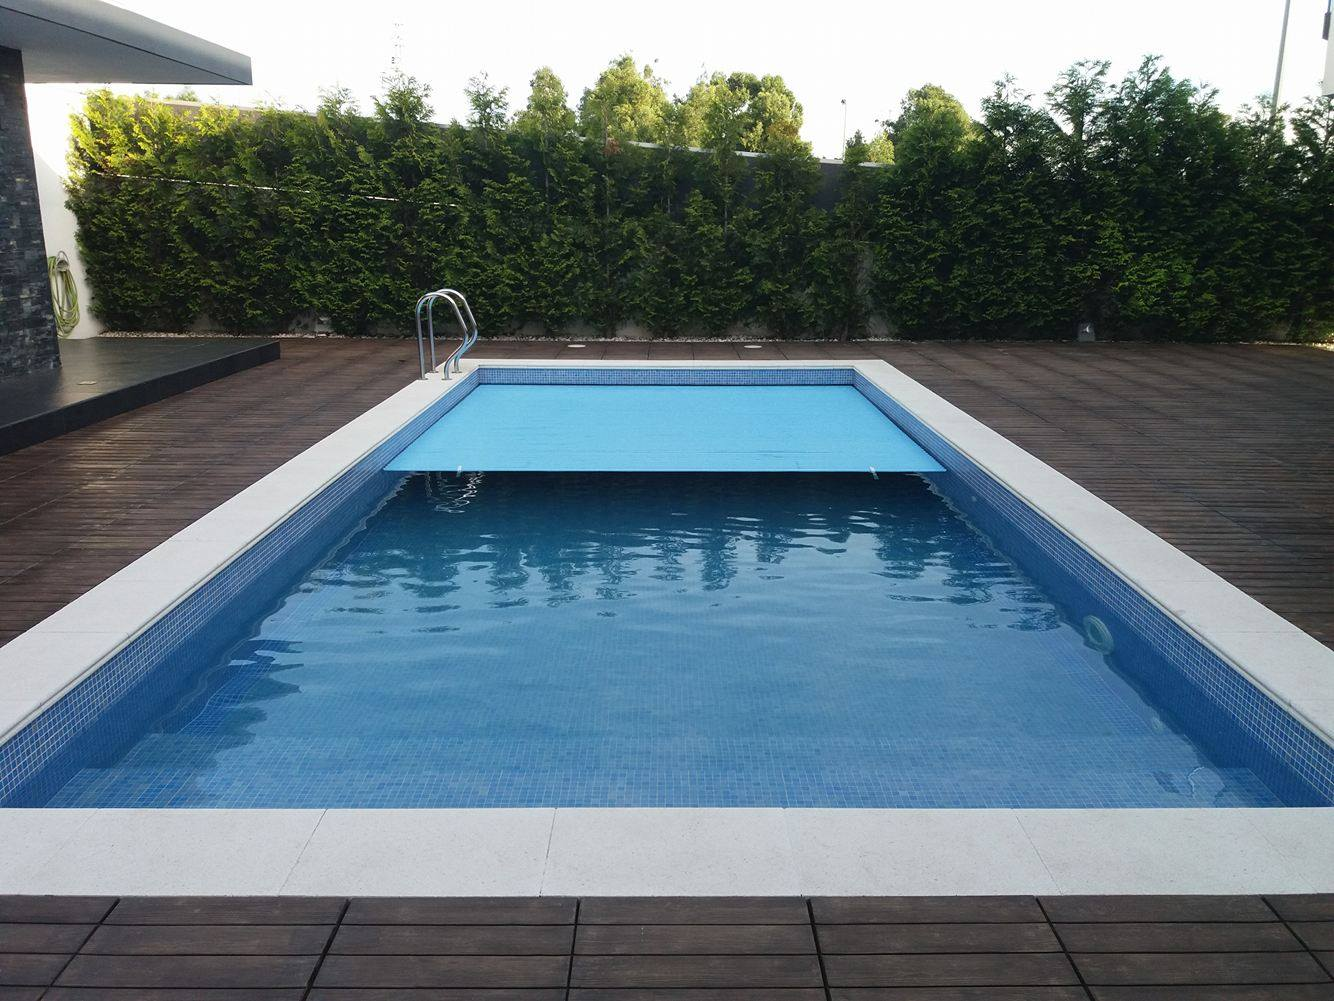 Motor submerso cap cobertura autom tica para piscinas - Motor para piscina ...